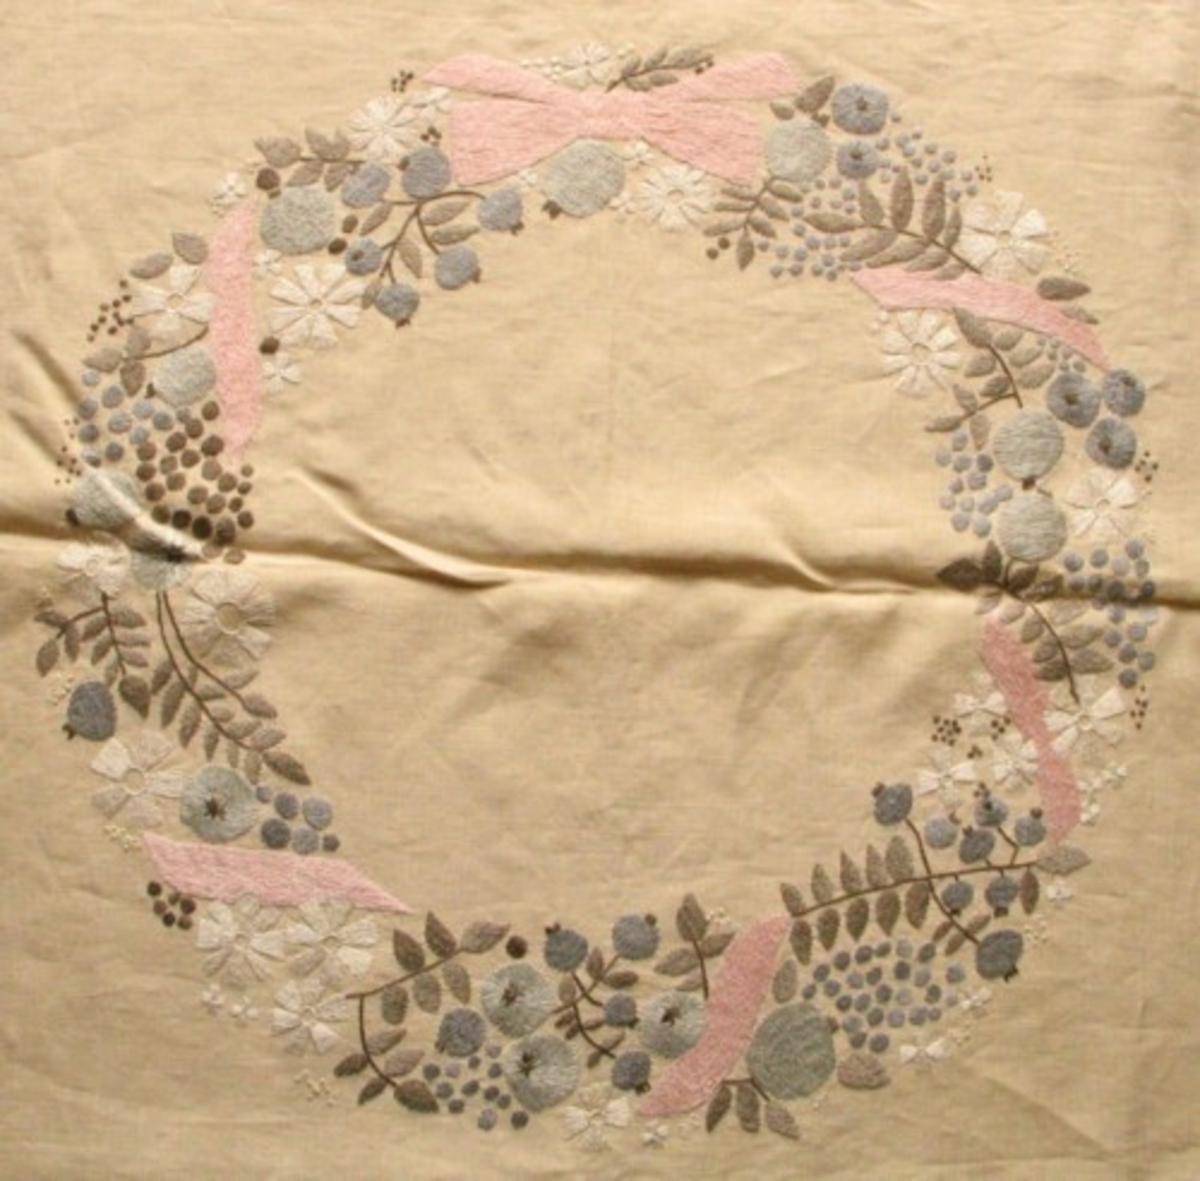 Broderad kvadratisk storduk. Sydd på beigefärgat Ölandsllinne med lingarn i grå, beige, rosa  och vita nyanser. Sydd efter påritat mönster. Krans med grå äpplen och vita blommor. Rosa band och rosett runt kransen.